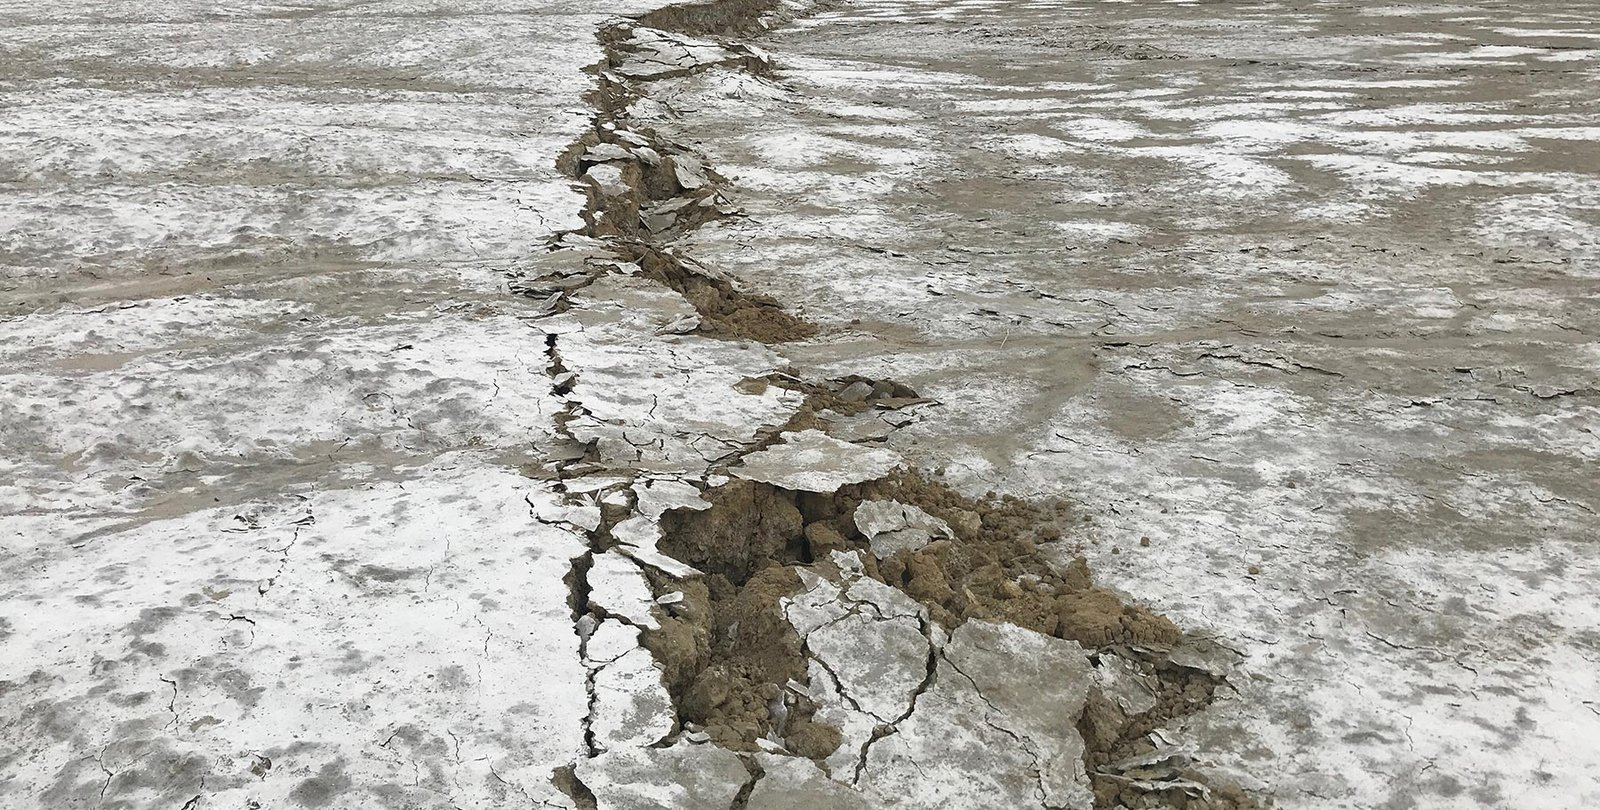 Ridgecrest Quake fault